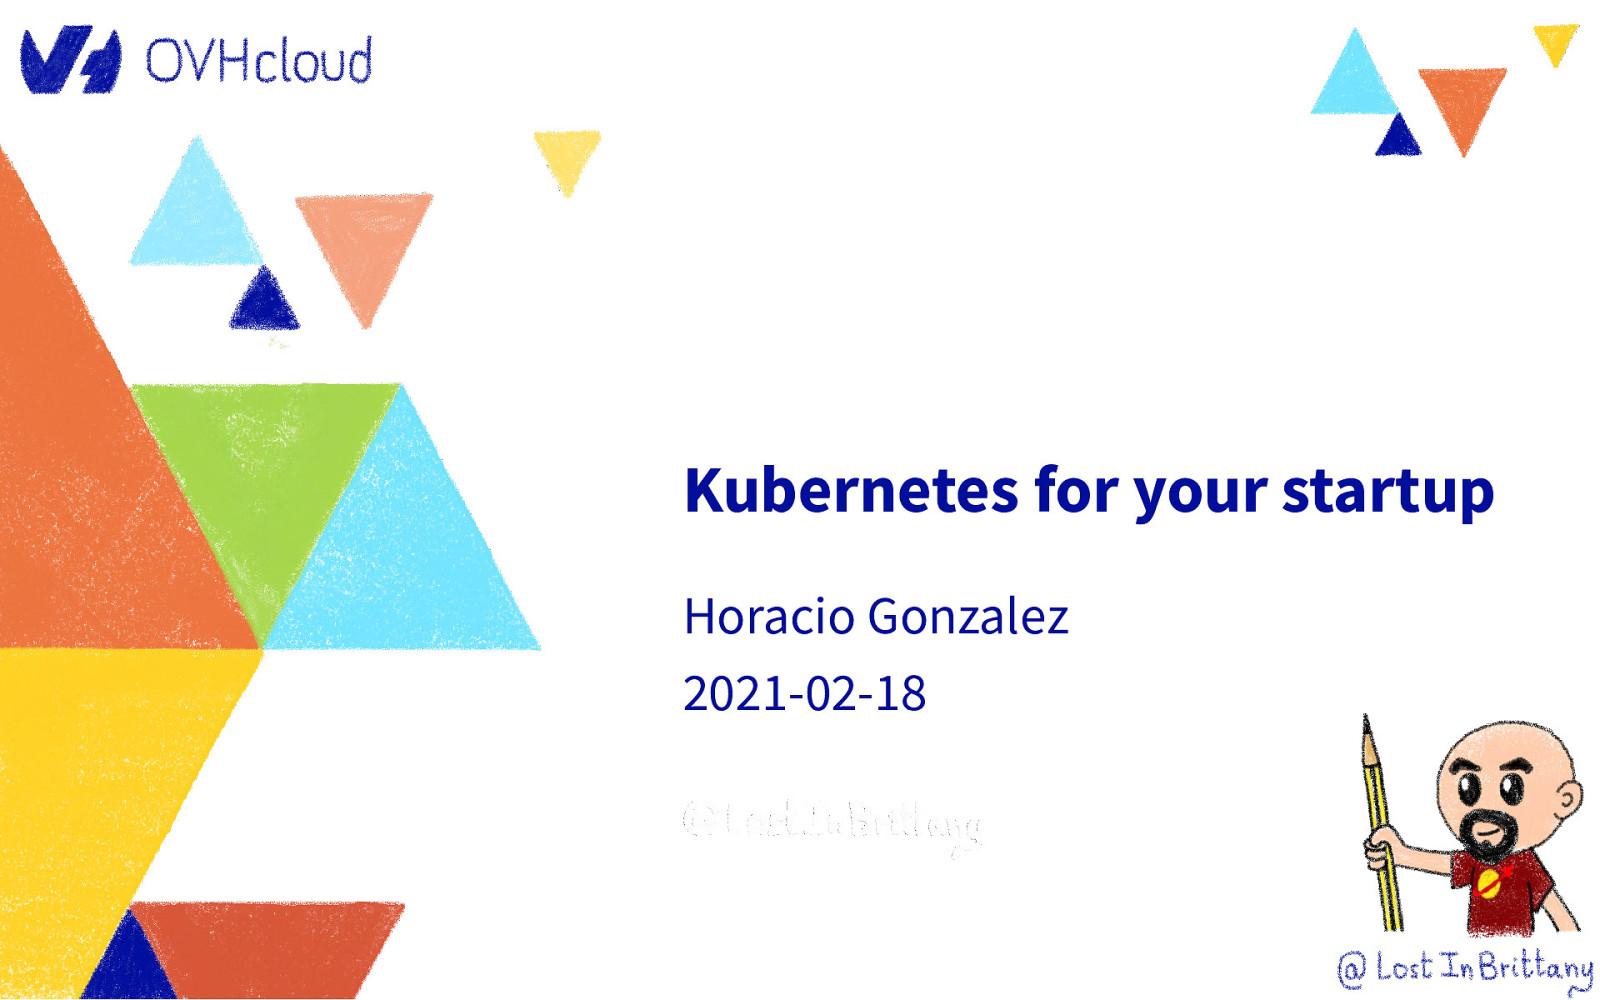 Kubernetes for your startup workshop